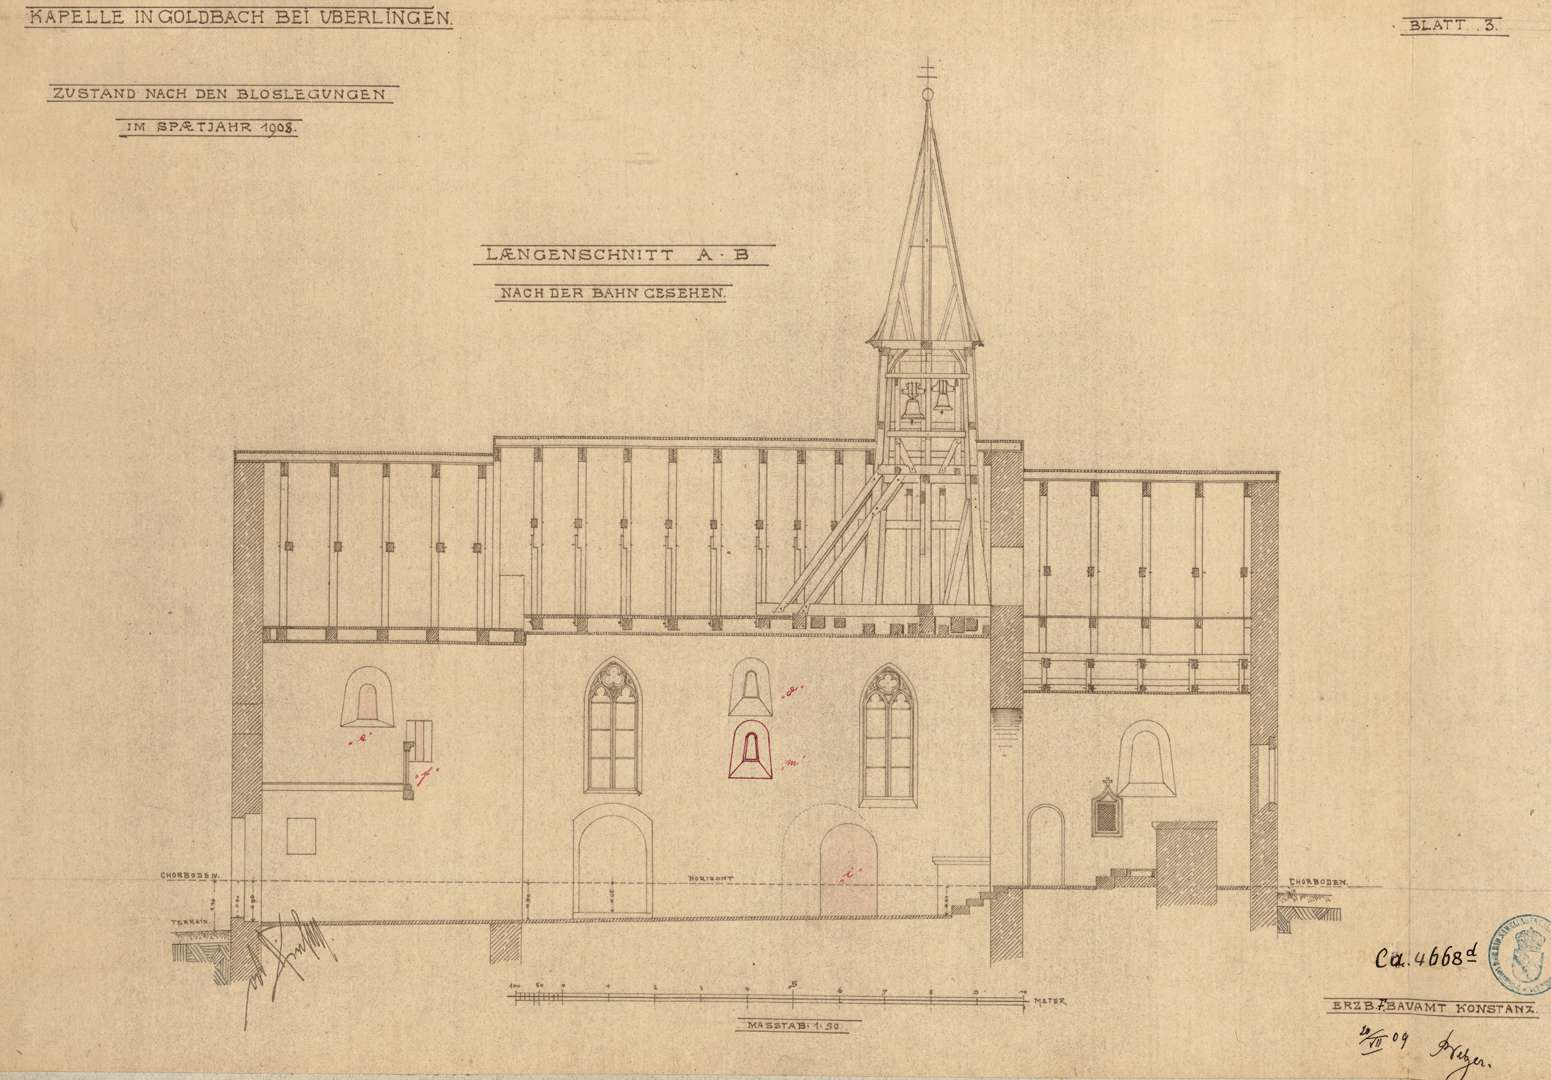 Goldbach St. Sylvester-Kapelle Längenschnitt nach der Bahn gesehen, Bild 1